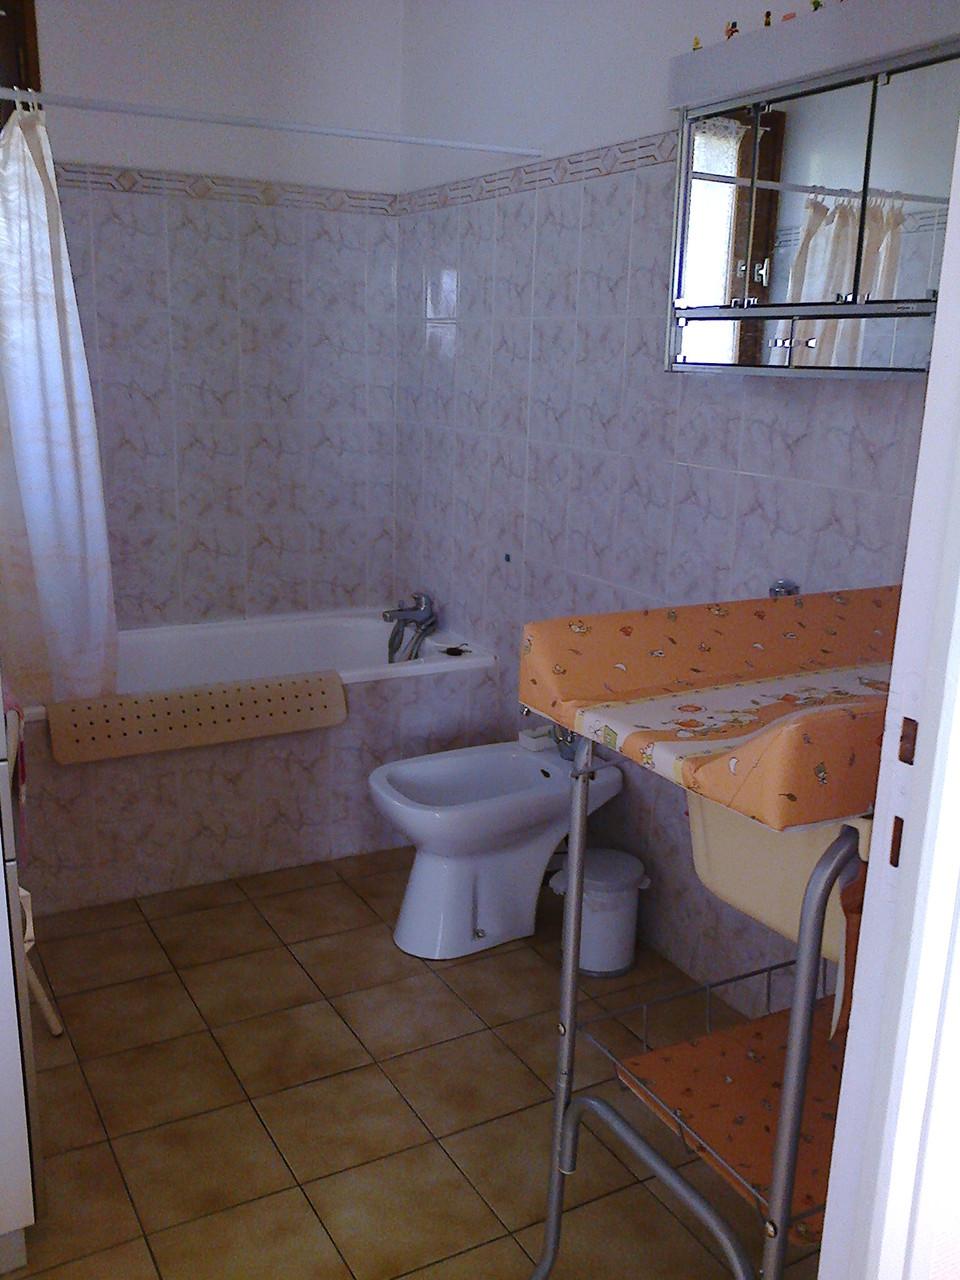 Salle de bains et table à langer avec baignoire pour bébé